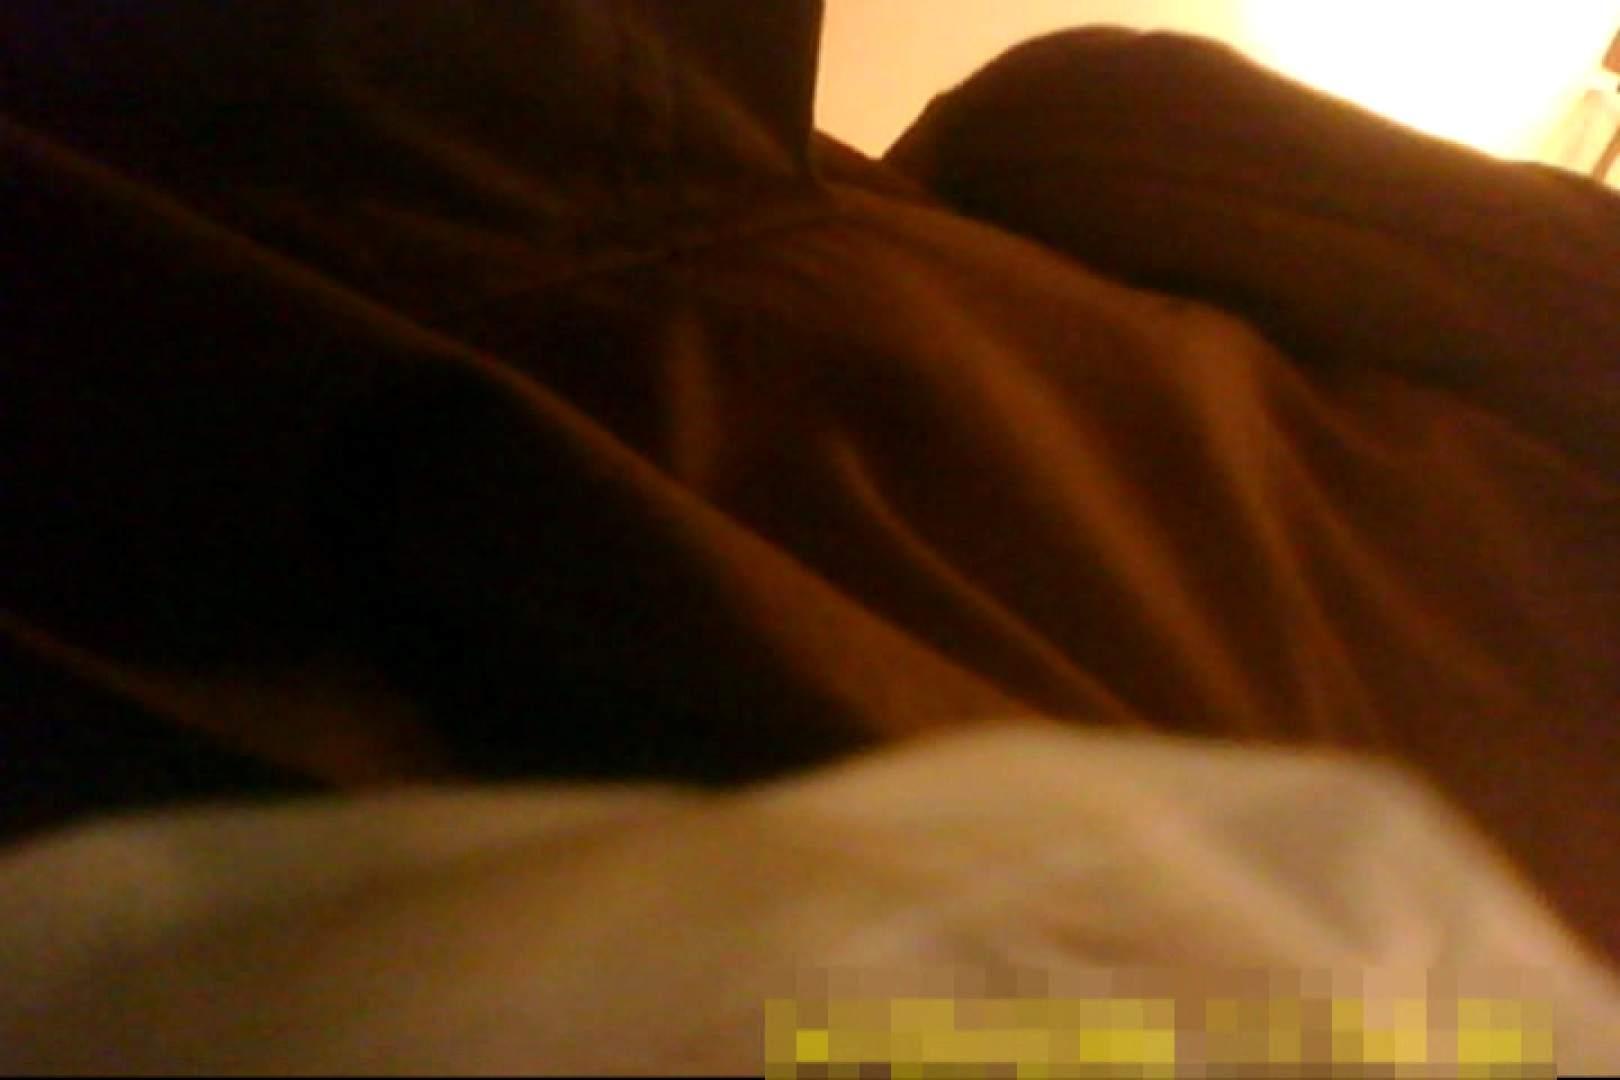 魅惑の化粧室~禁断のプライベート空間~vol.8 熟女 | OLのボディ  87PIX 73